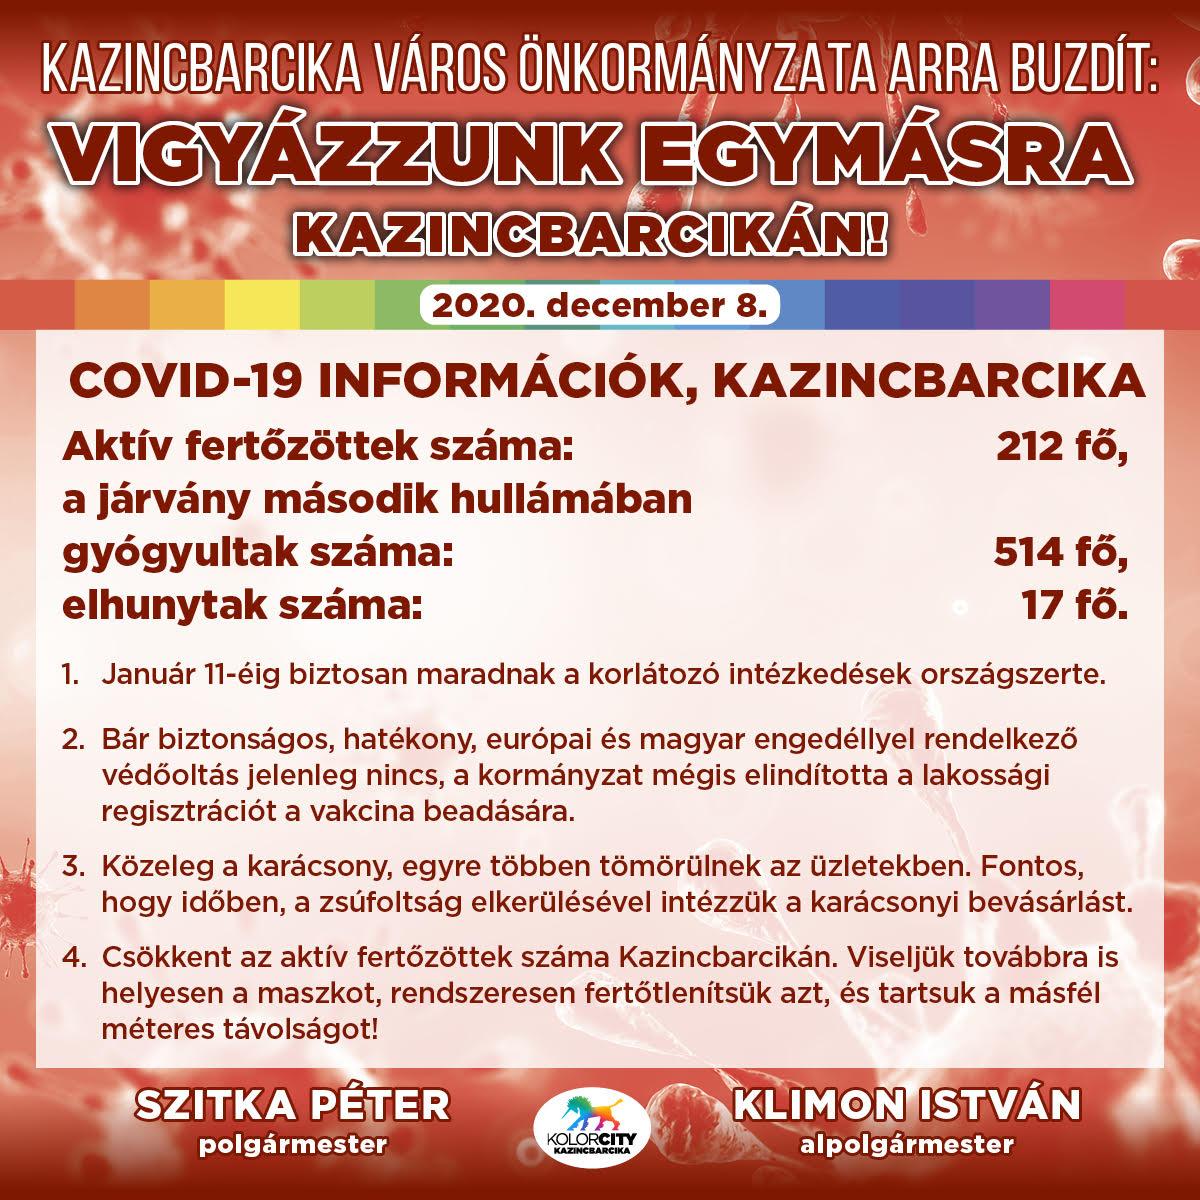 https://kolorline.hu/Vigyázzunk egymásra Kazincbarcikán! – 2020. december 8.